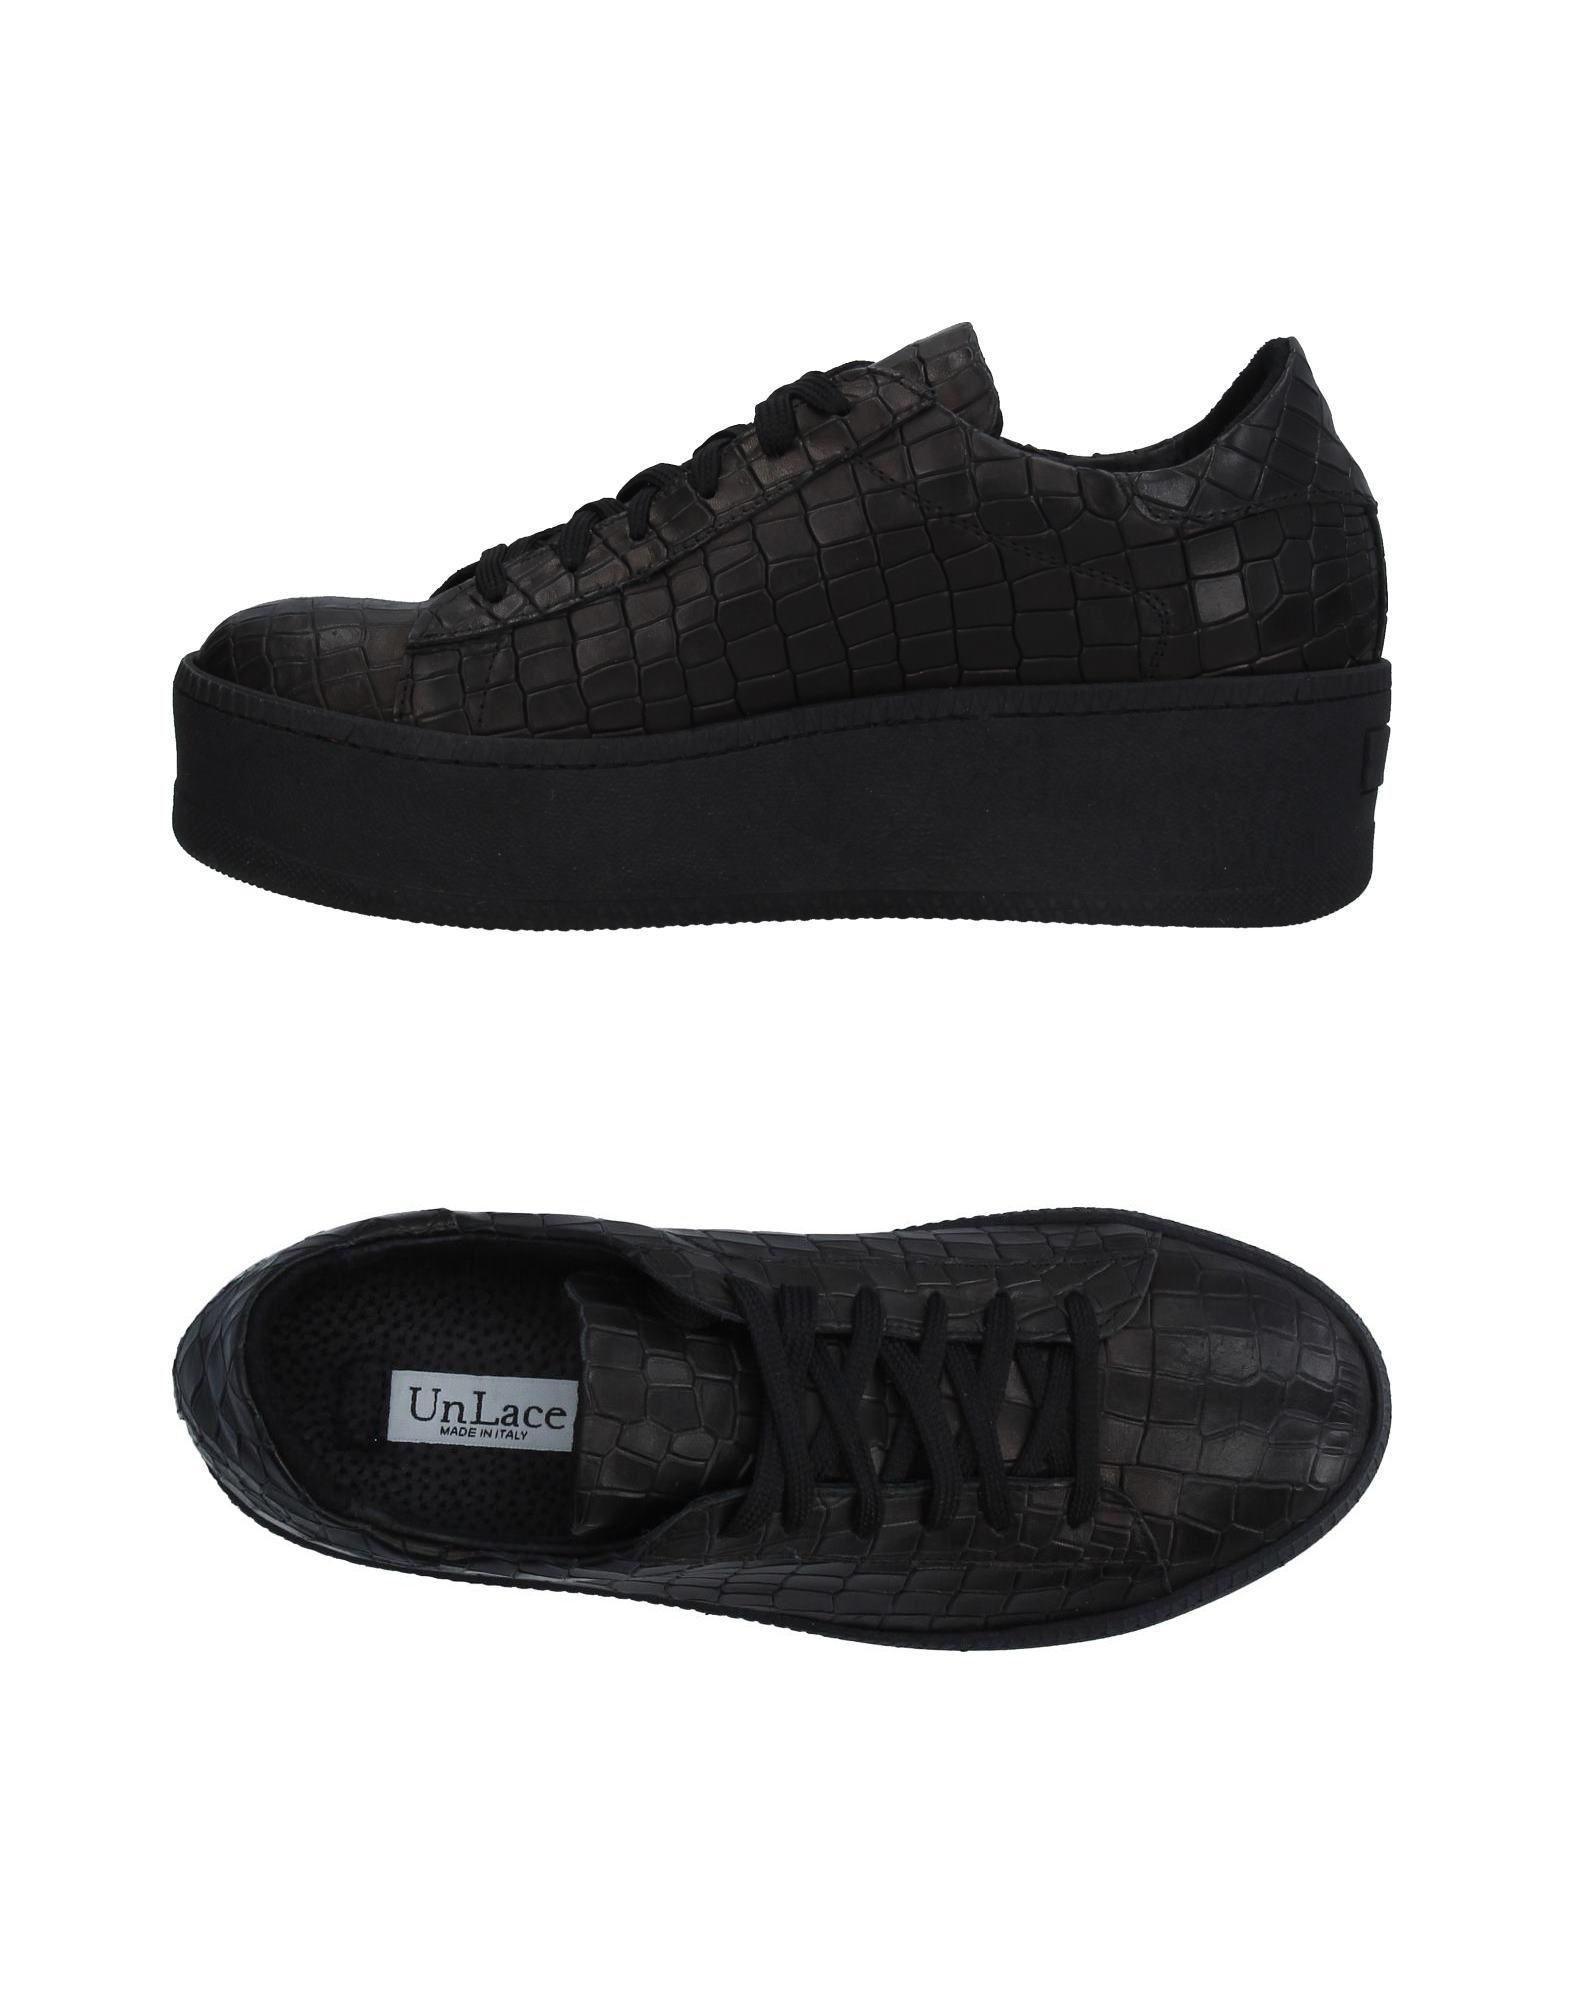 Moda Sneakers Unlace Donna - 11270041HA